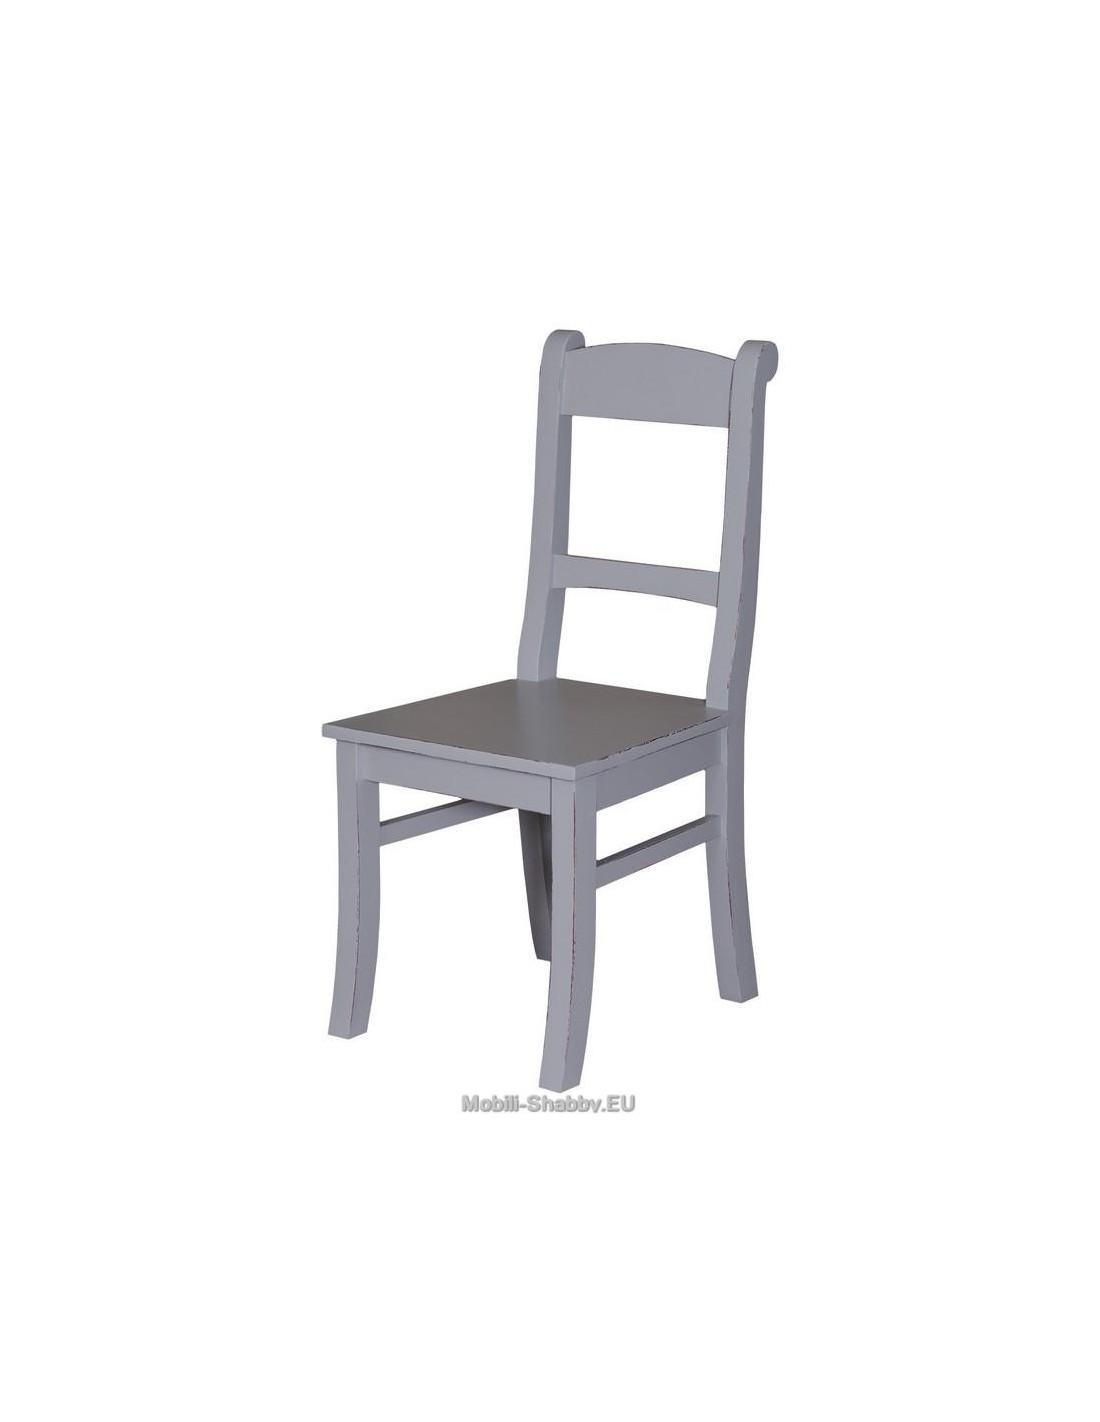 sedia in legno massello colorata MS64 - Mobili-Shabby.EU by Orissa